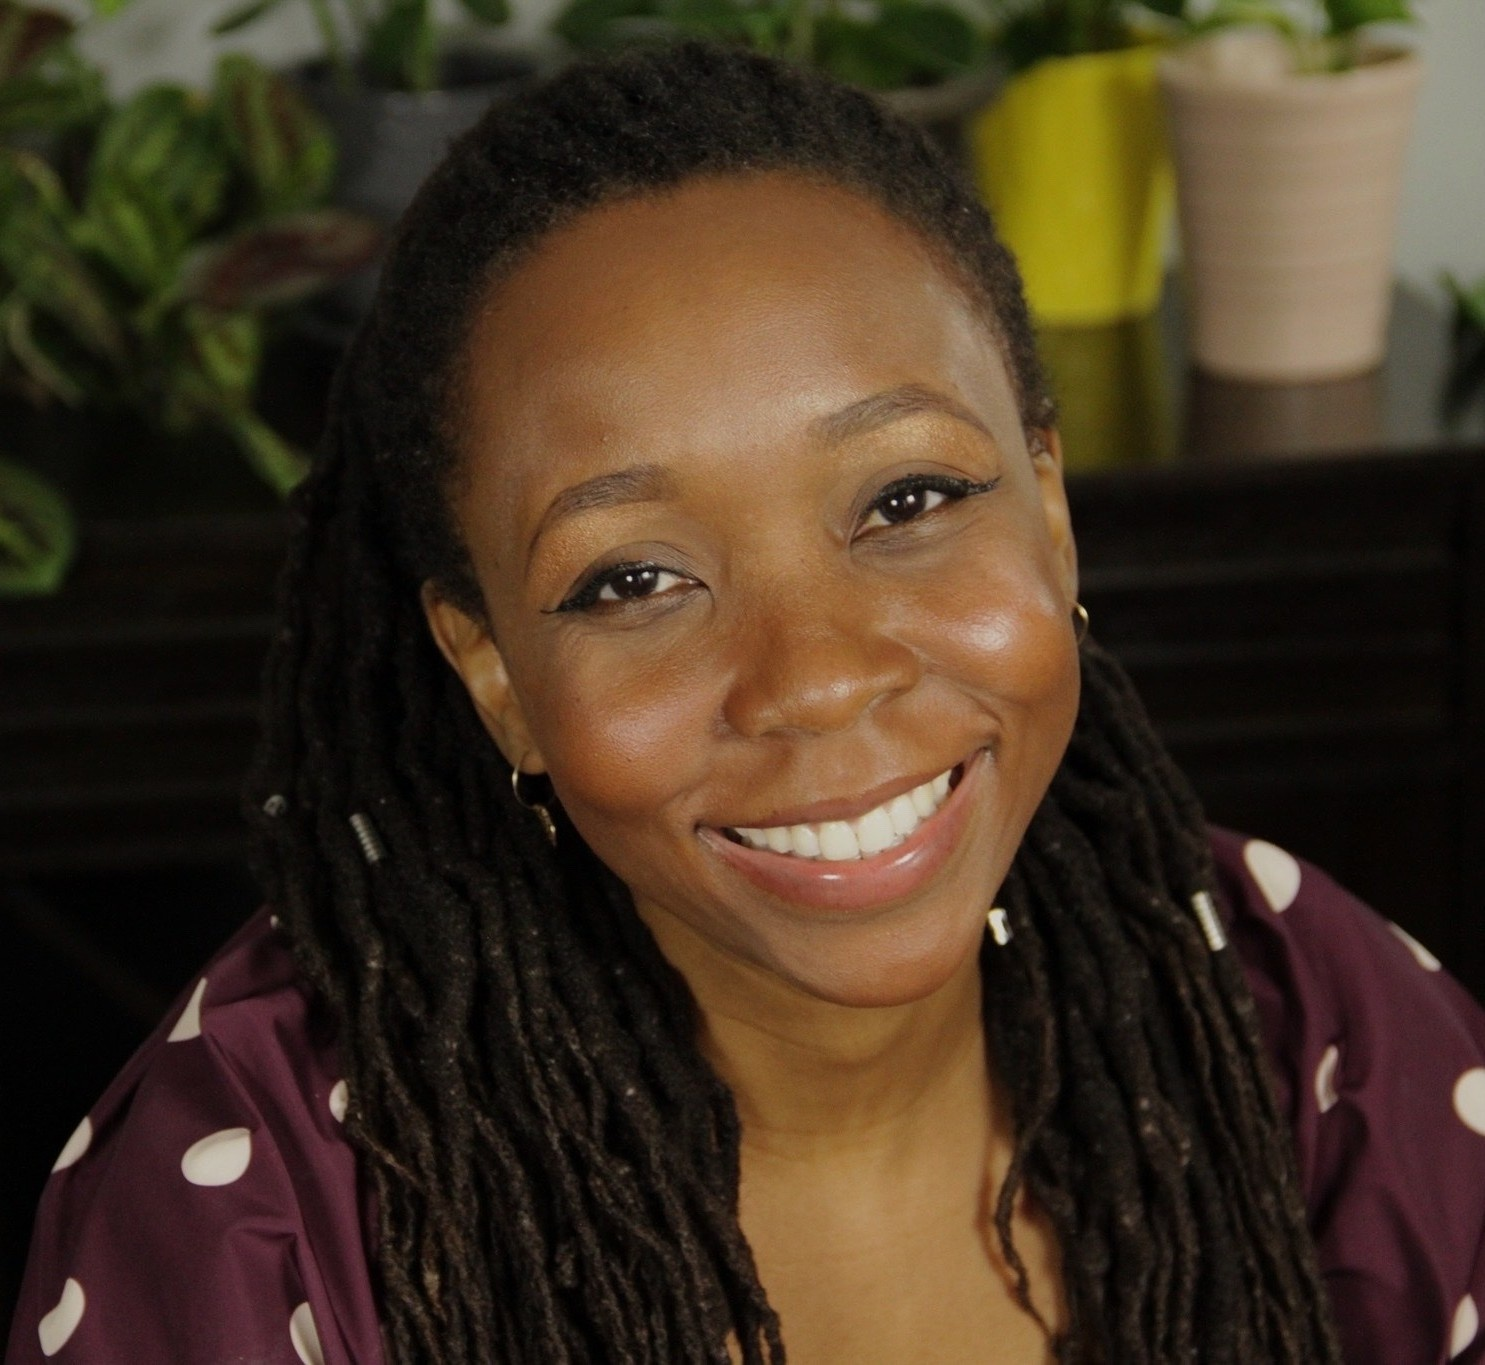 Image of saran, menstrual health educator, smiling.